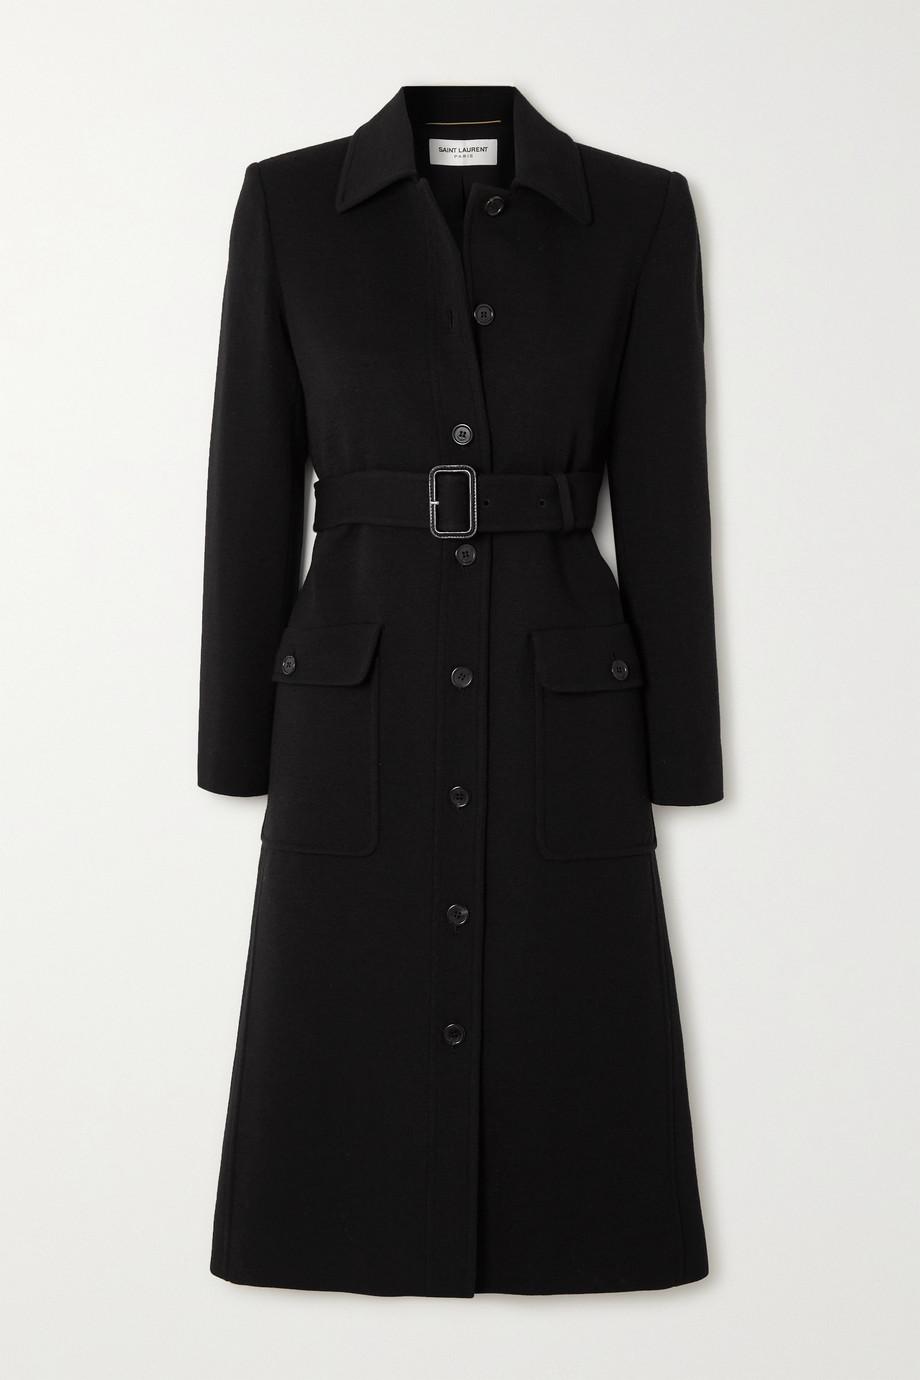 SAINT LAURENT Mantel aus einer Wollmischung mit Gürtel